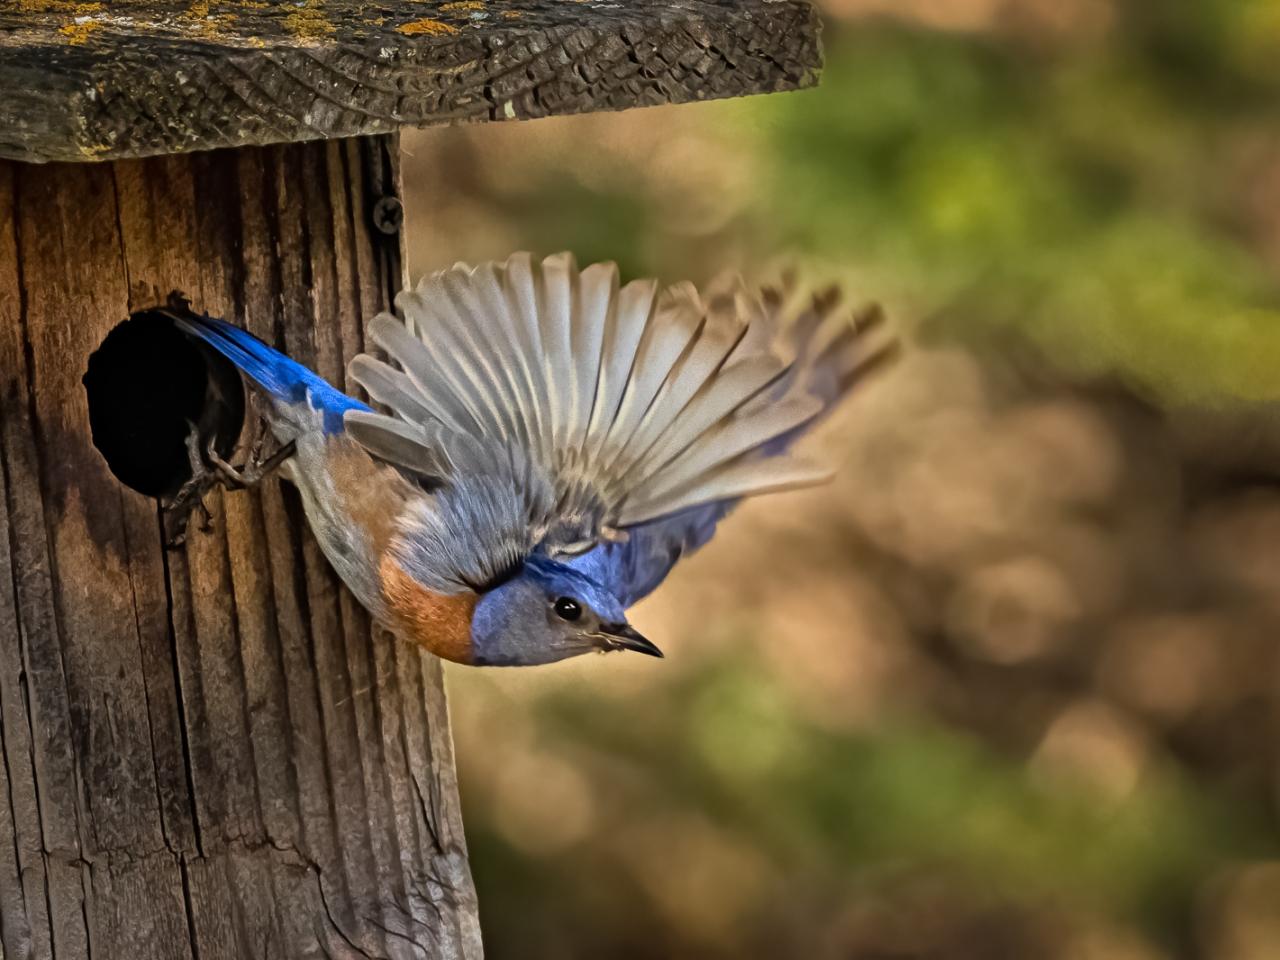 Pajaro saliendo de su nido - 1280x960